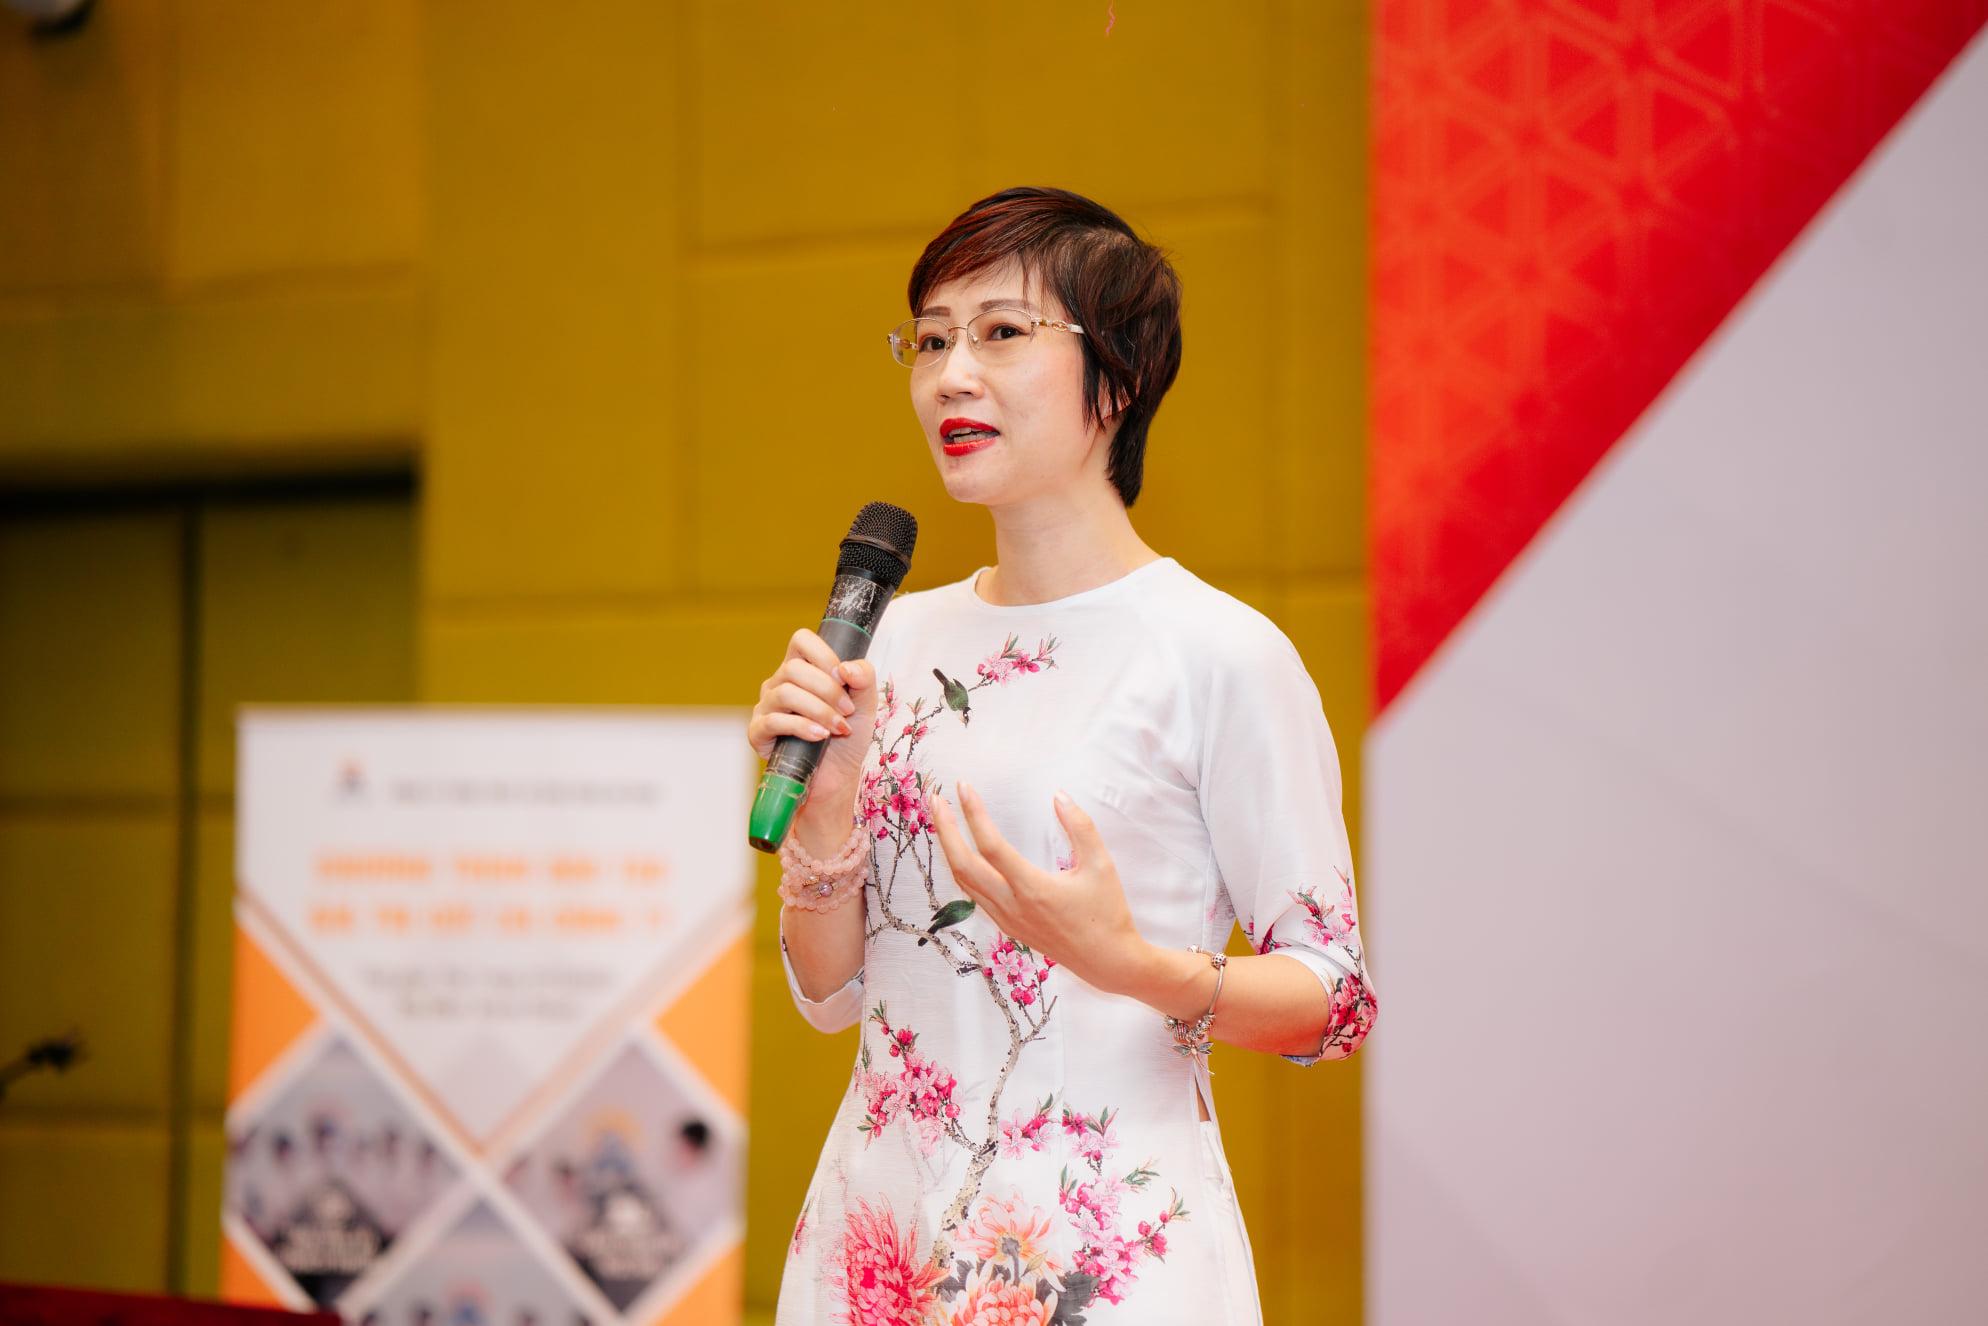 Chuyên gia Đặng Thanh Vân - Chủ tịch HĐQT Công ty Thanhs trực tiếp đào tạo, dẫn dắt chương trình